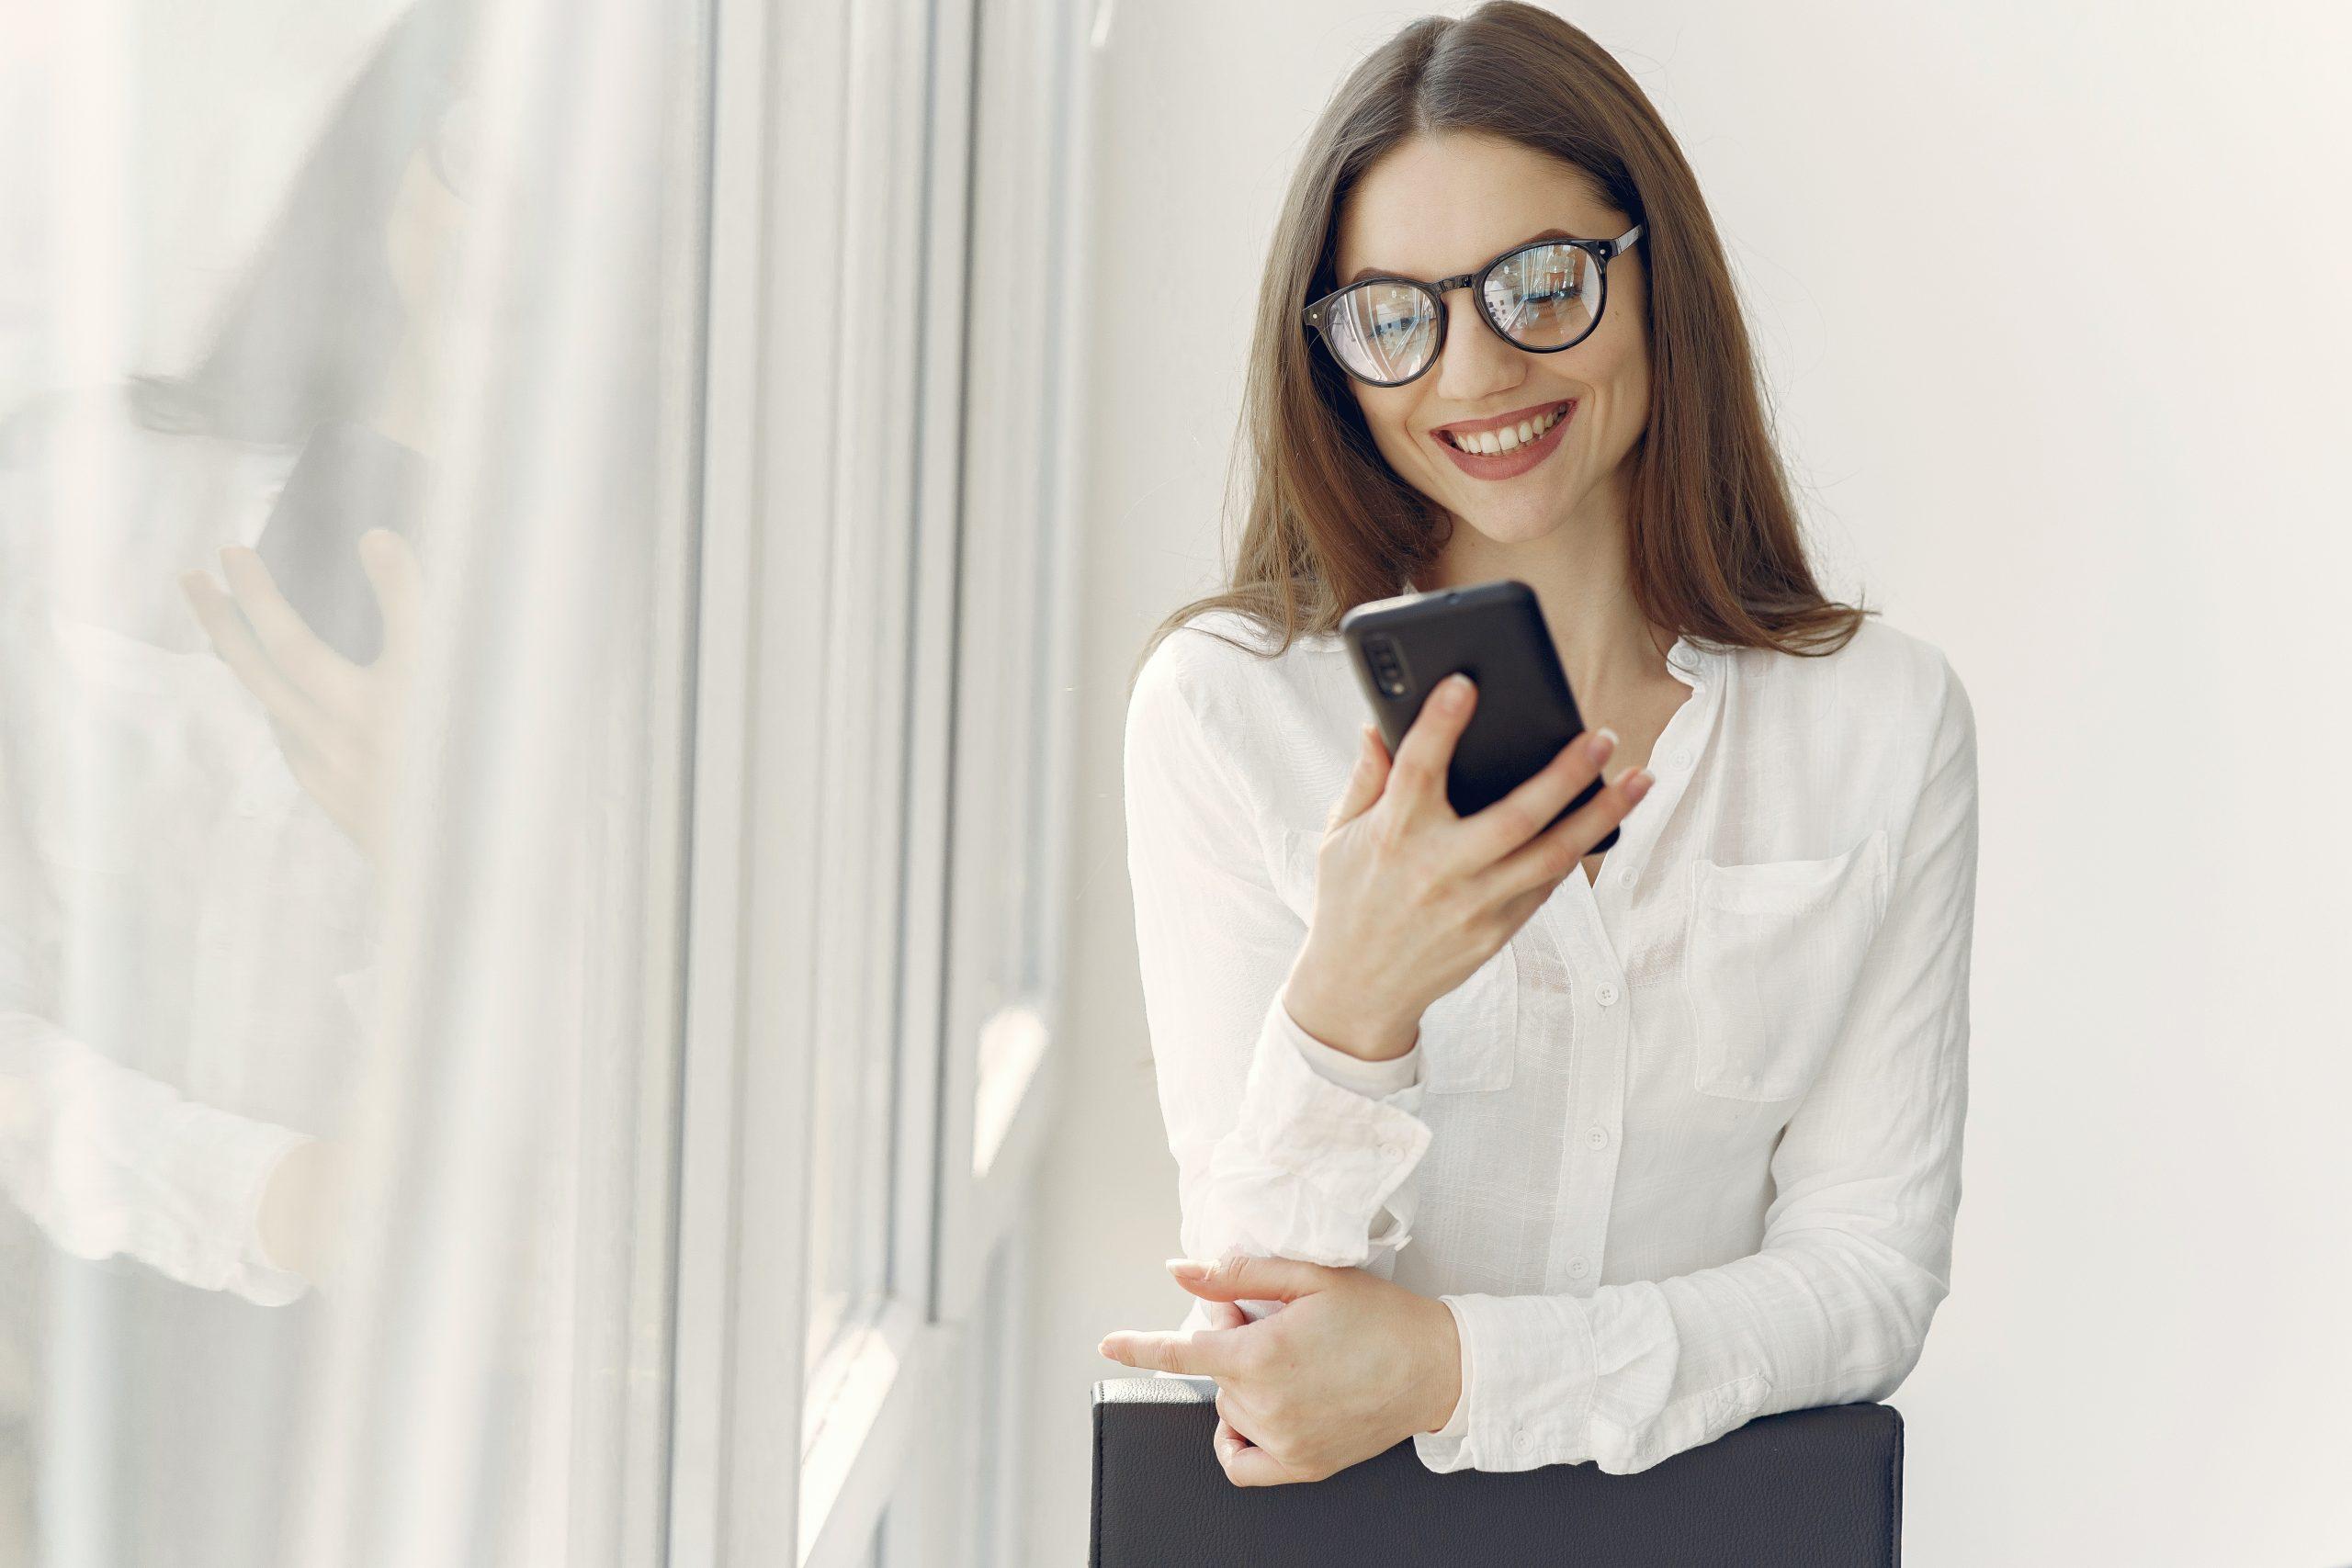 virtual-meeting-smiling